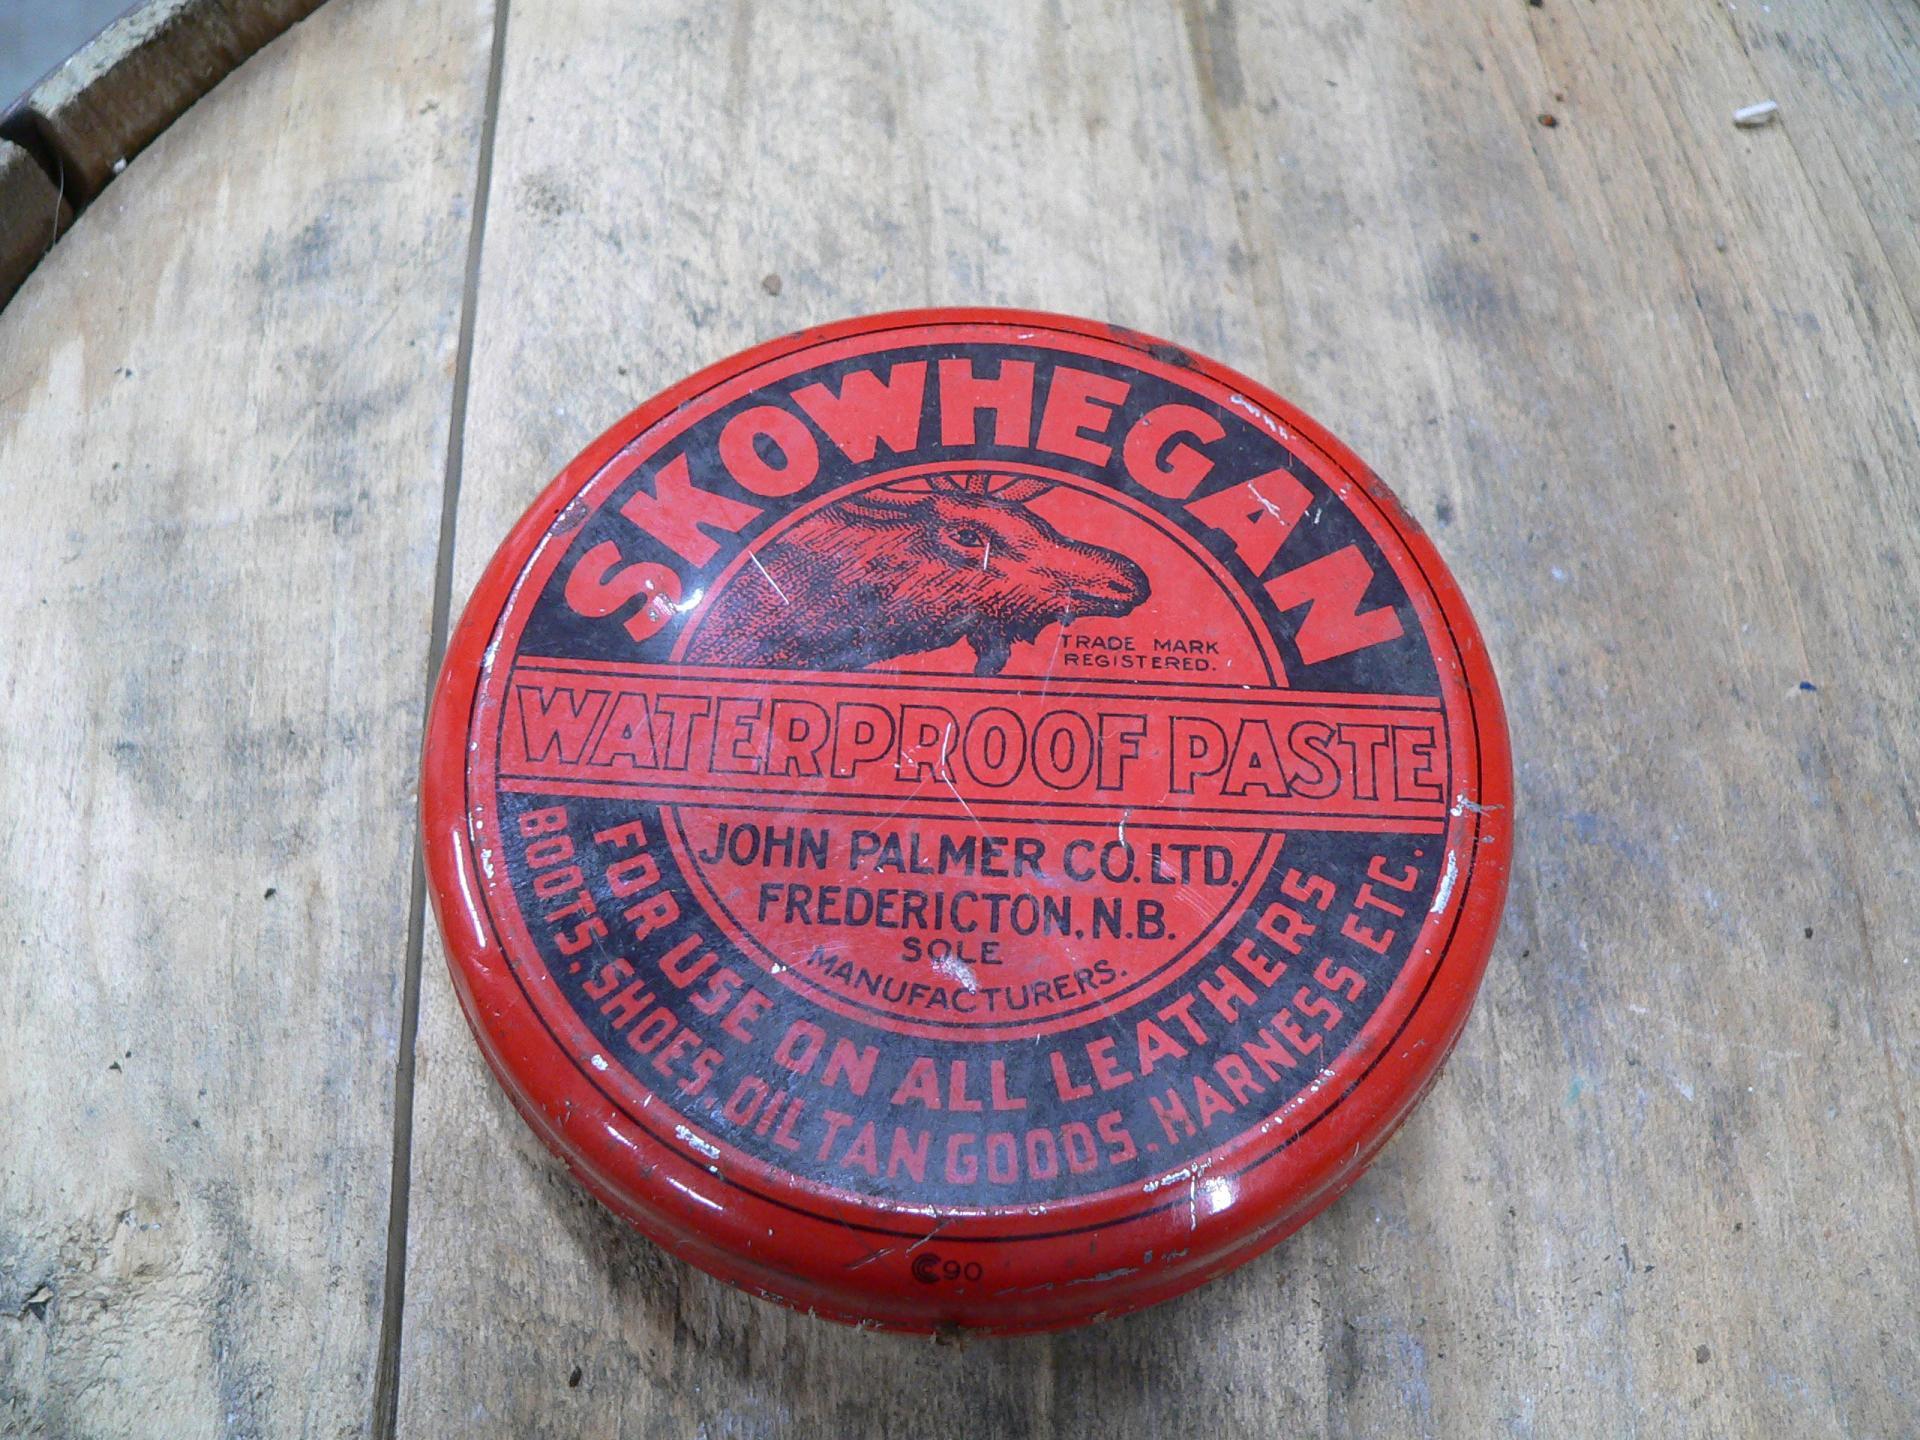 Cane de tôle antique skowhegan # 5099.6